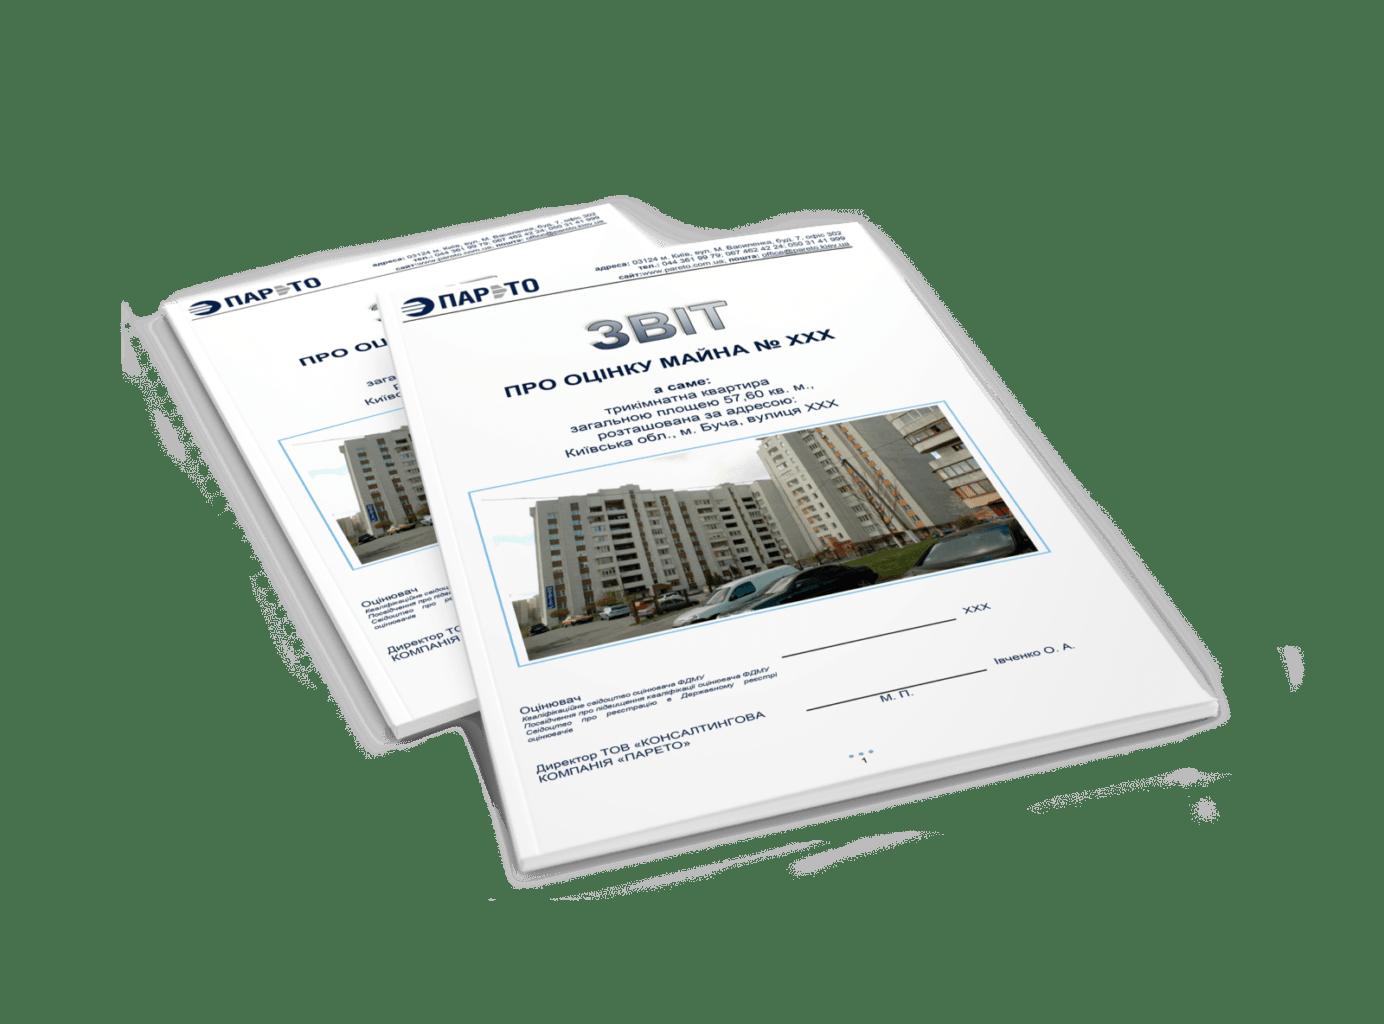 Пример отчета об оценке квартиры, ЭКСПЕРТНАЯ ОЦЕНКА КВАРТИРЫ